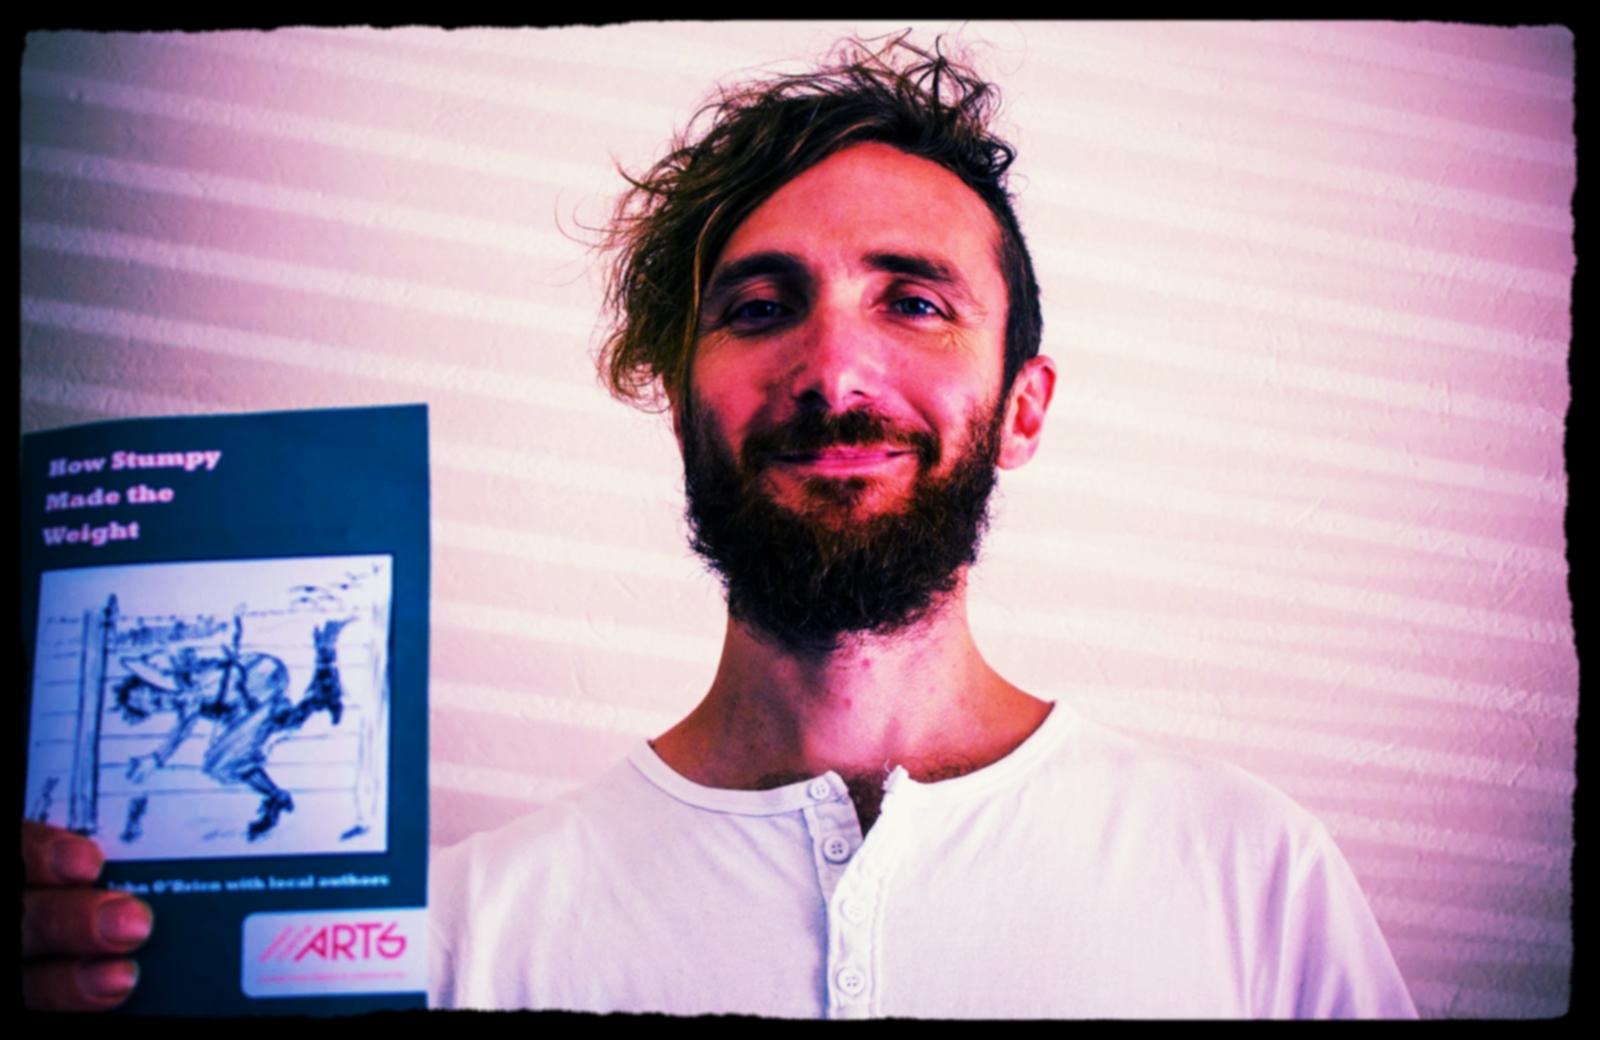 Derek-Motion-with-JOB-poetry-booklet.jpg